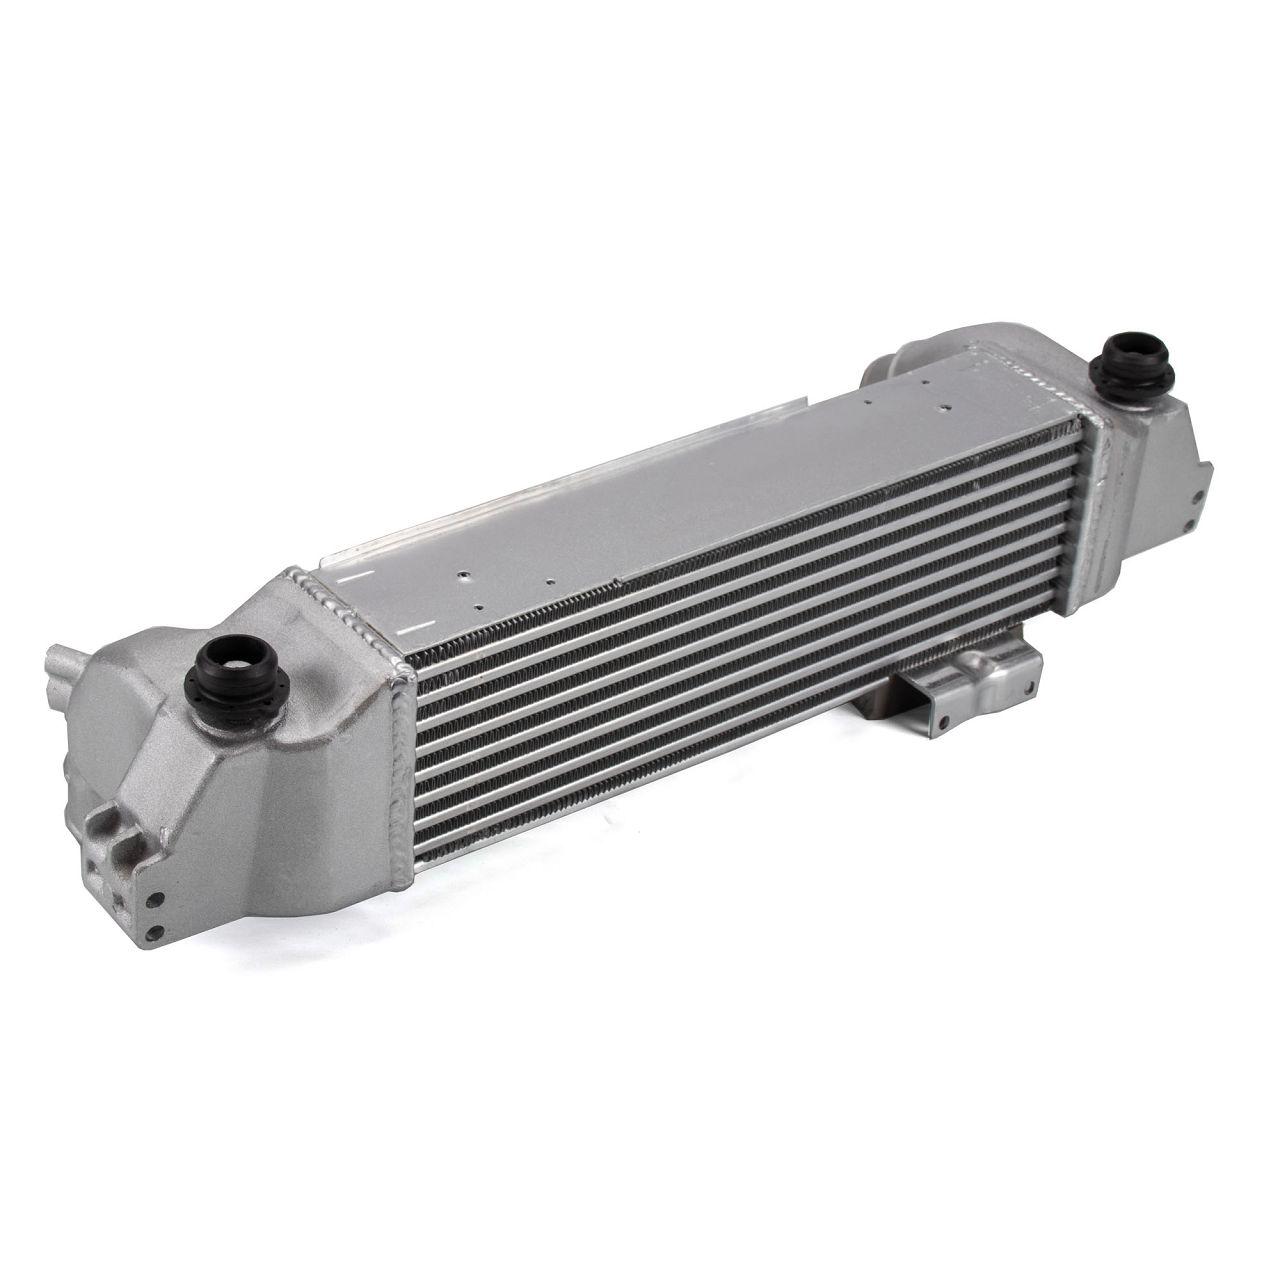 NRF 30949 Ladeluftkühler Kühler KIA Sorento 1 JC 2.5 CRDi 140-170 PS 281904A470